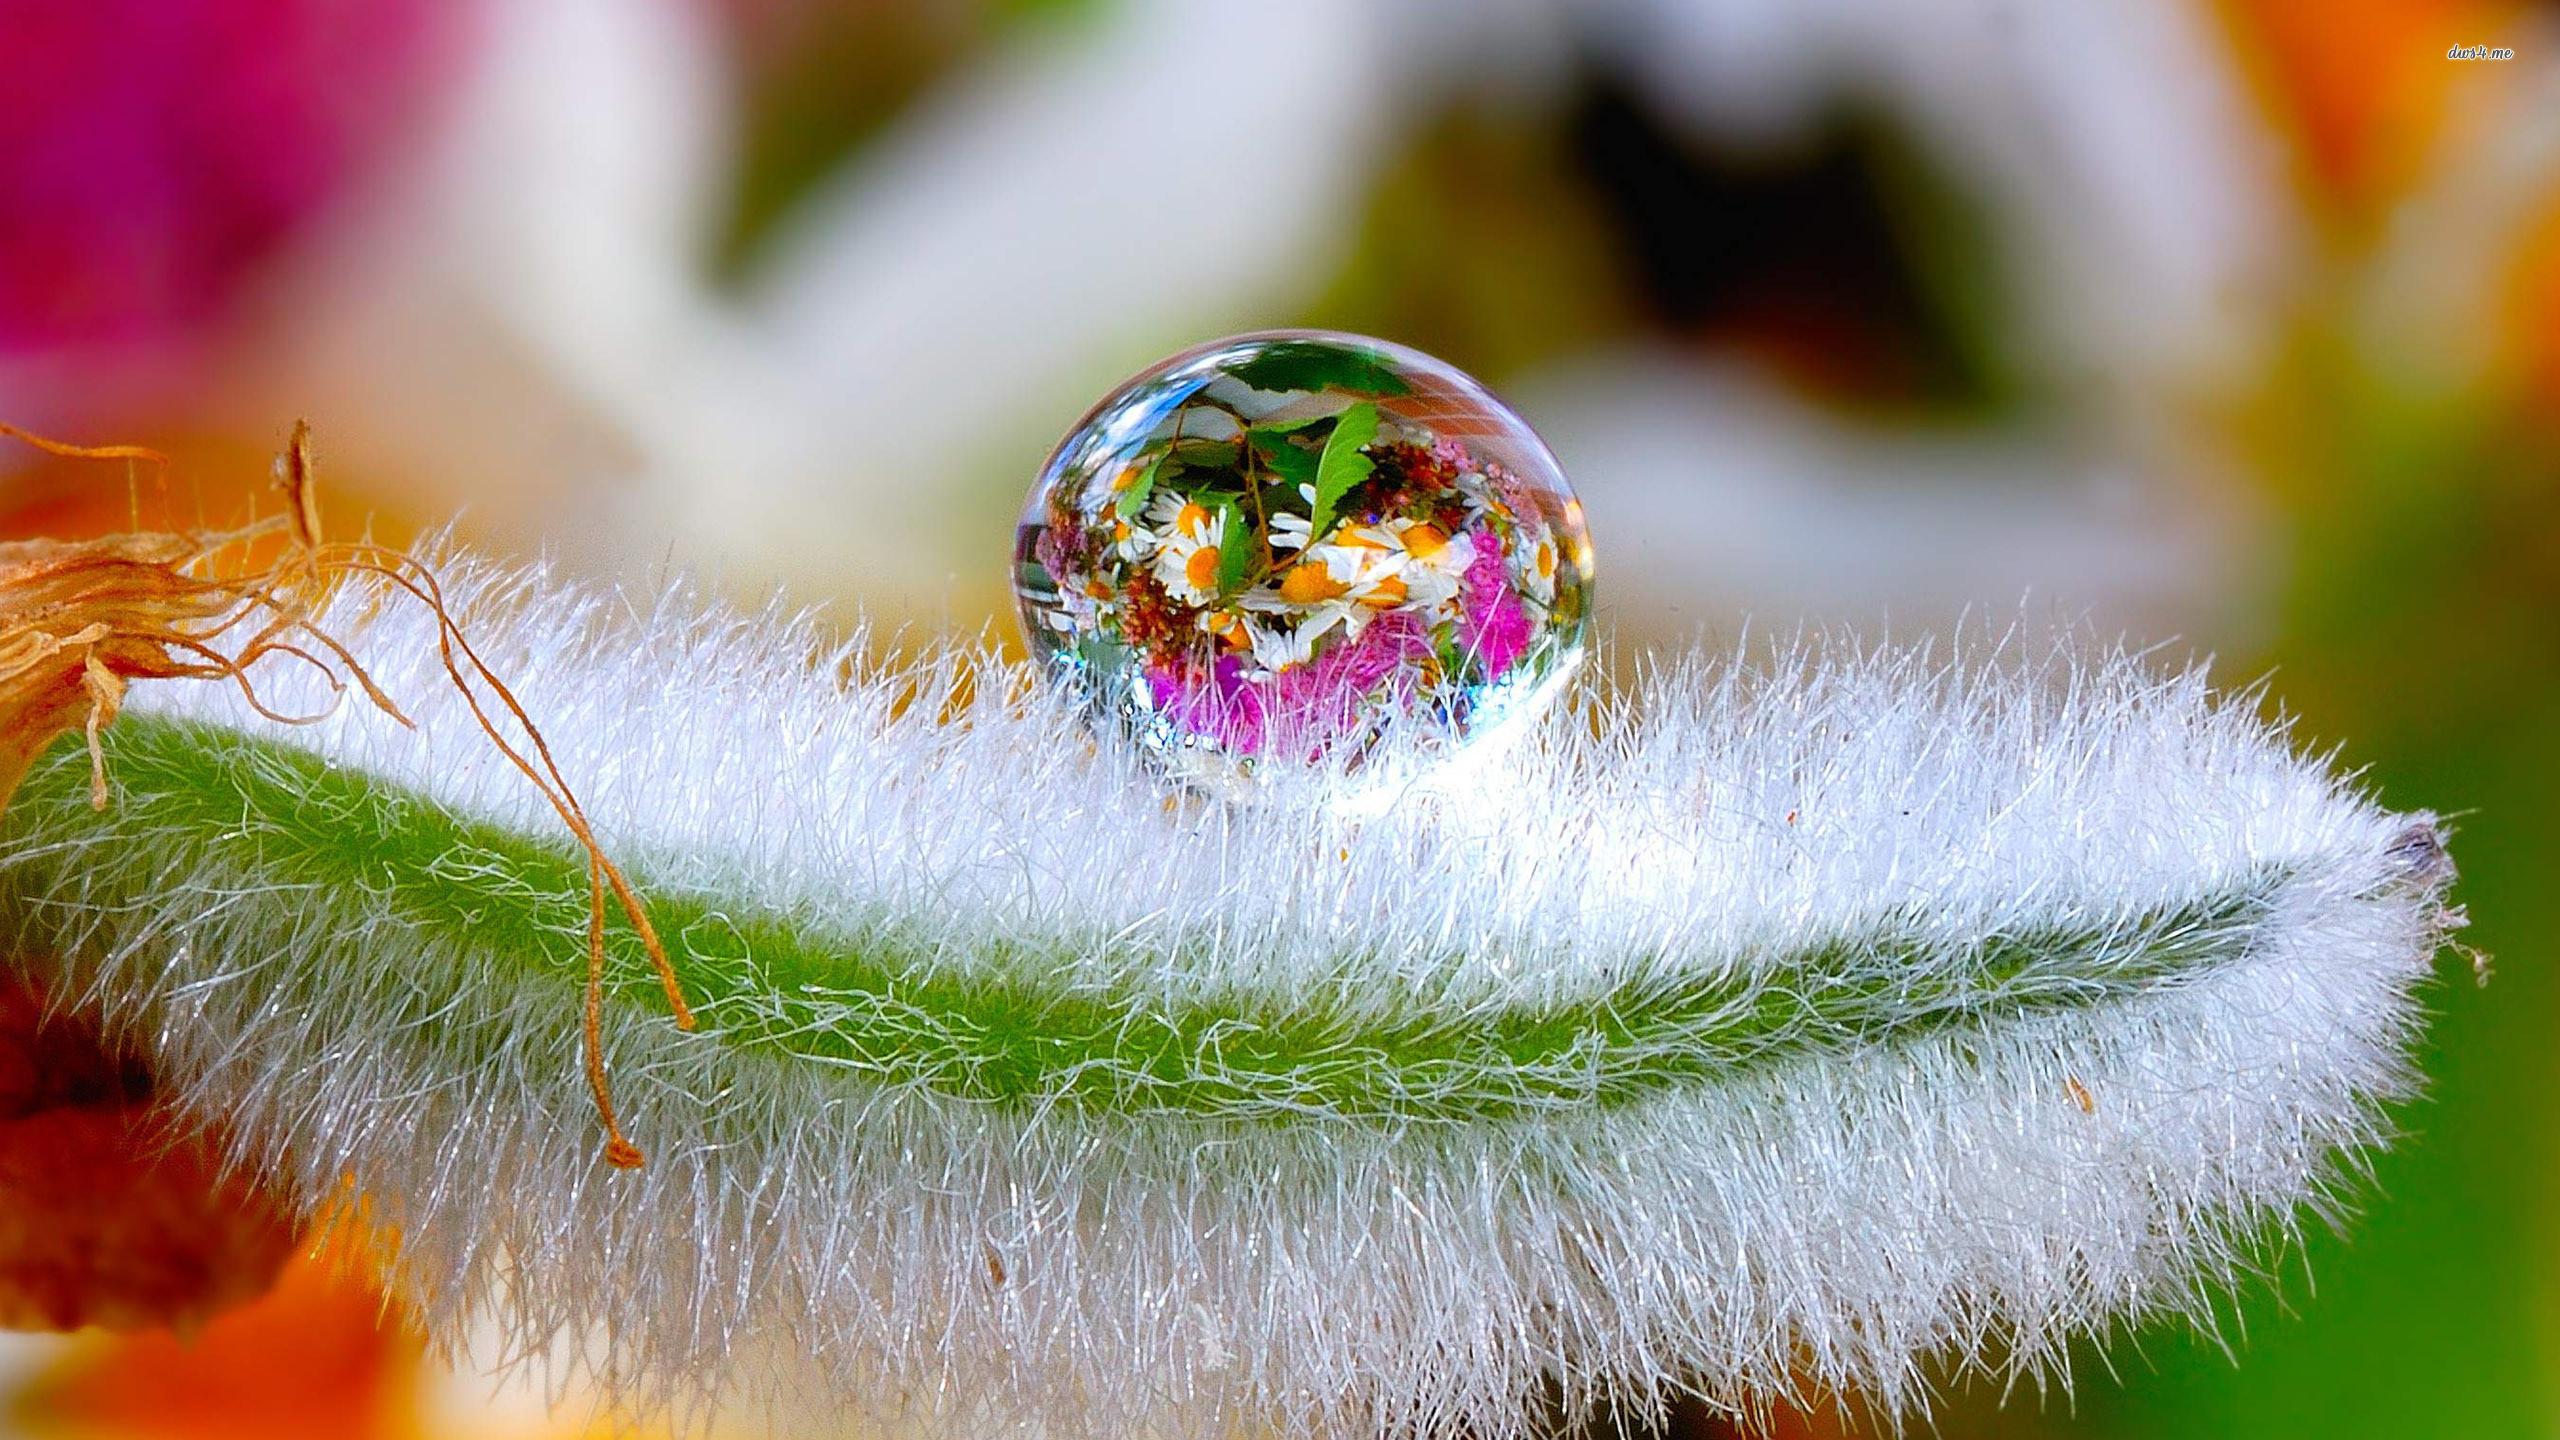 2560x1440, Flowers In A Water Drop Wallpaper   Data - Flower Water Drops Wallpaper Hd , HD Wallpaper & Backgrounds